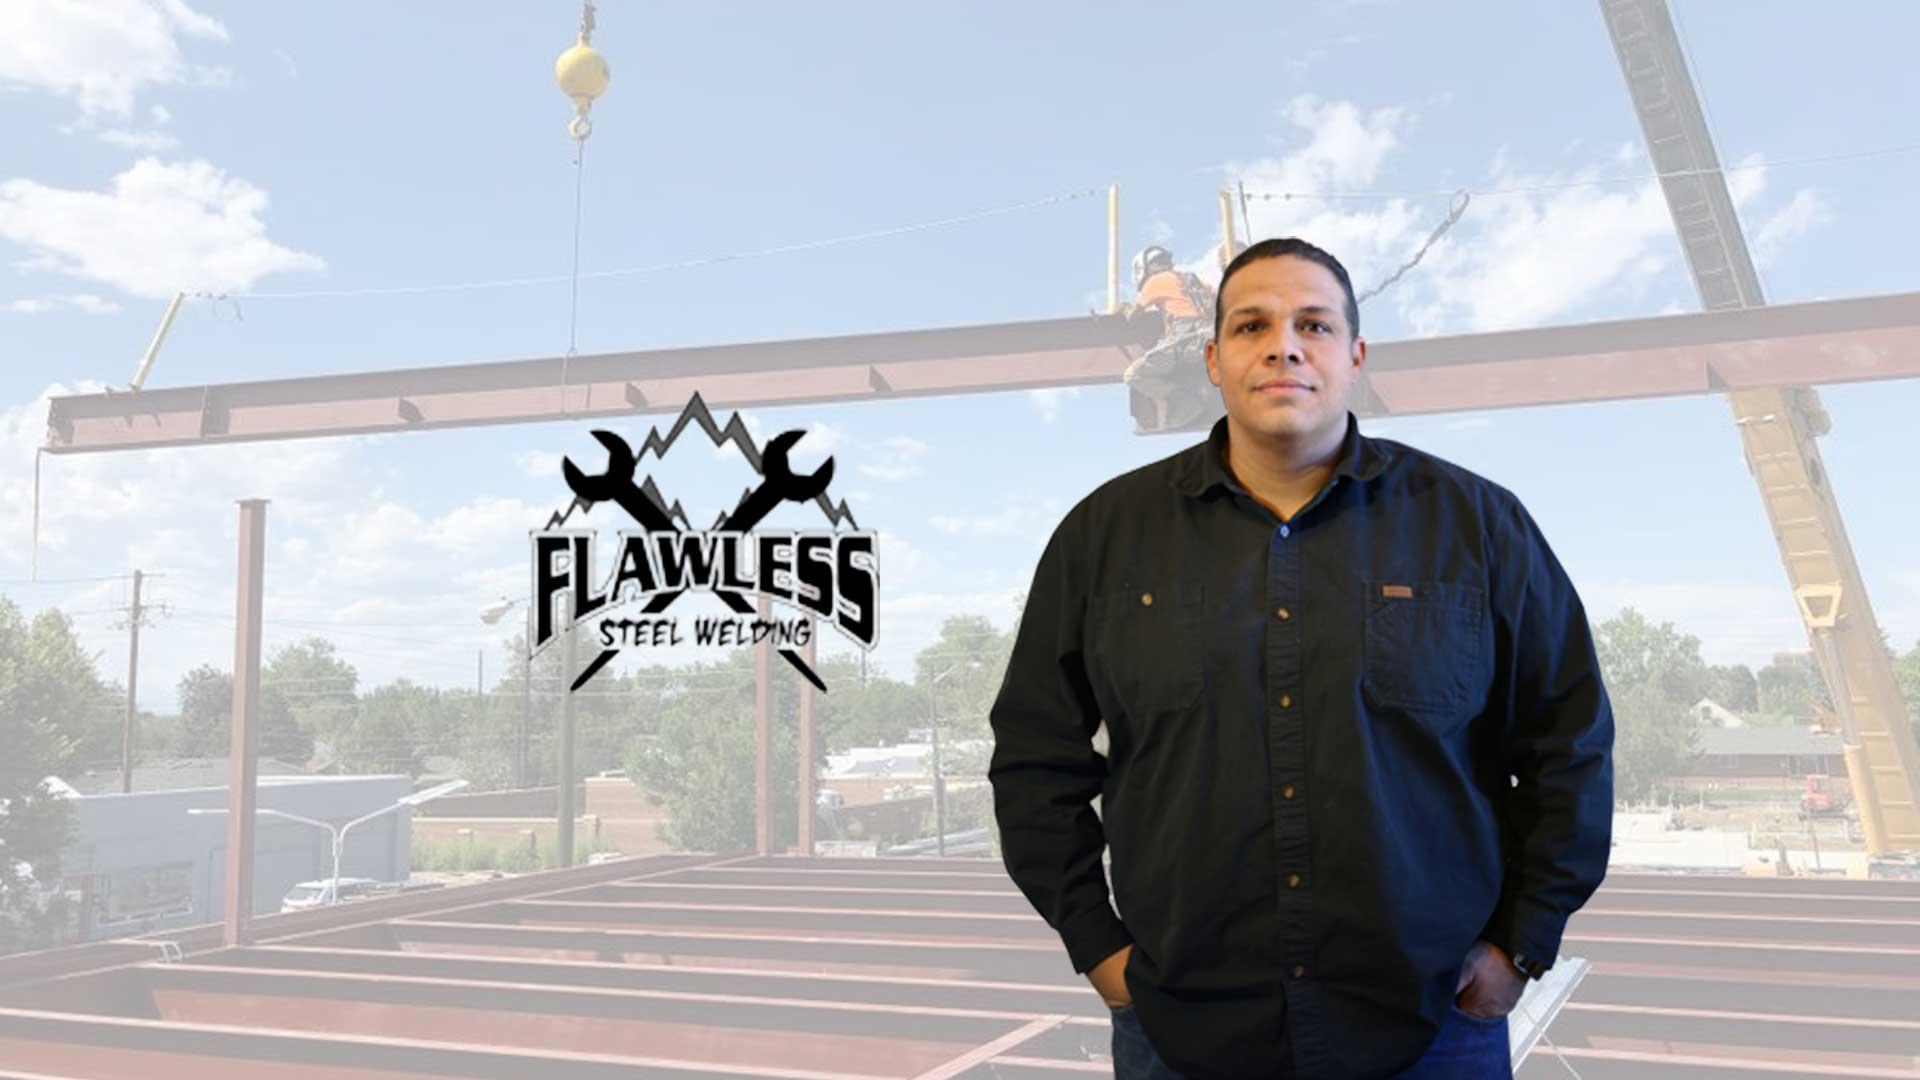 FSWOrigins of Flawless Steel Welding